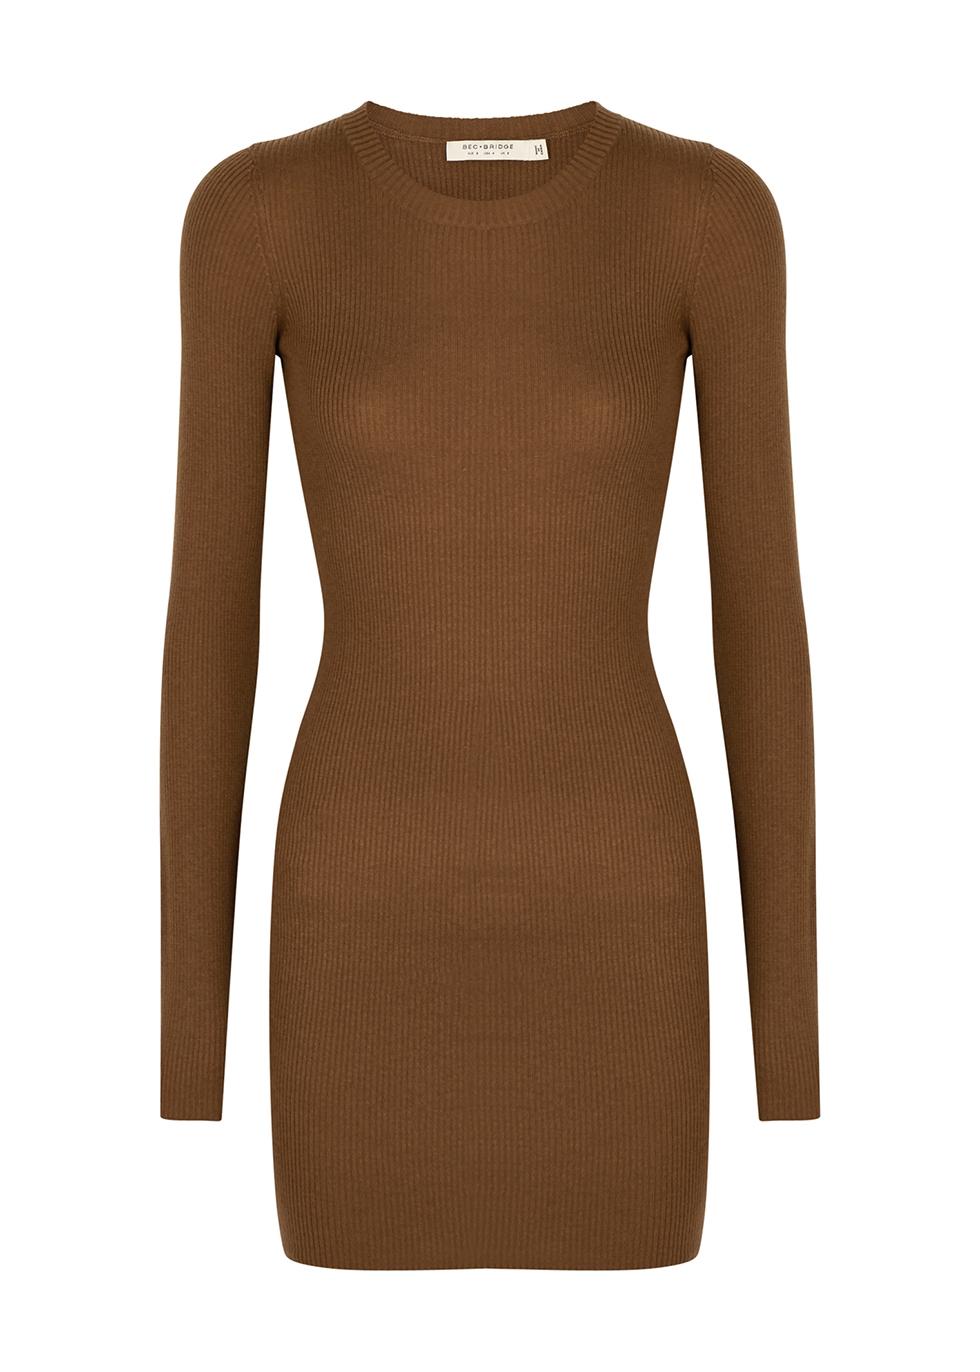 Freya brown rib-knit mini dress